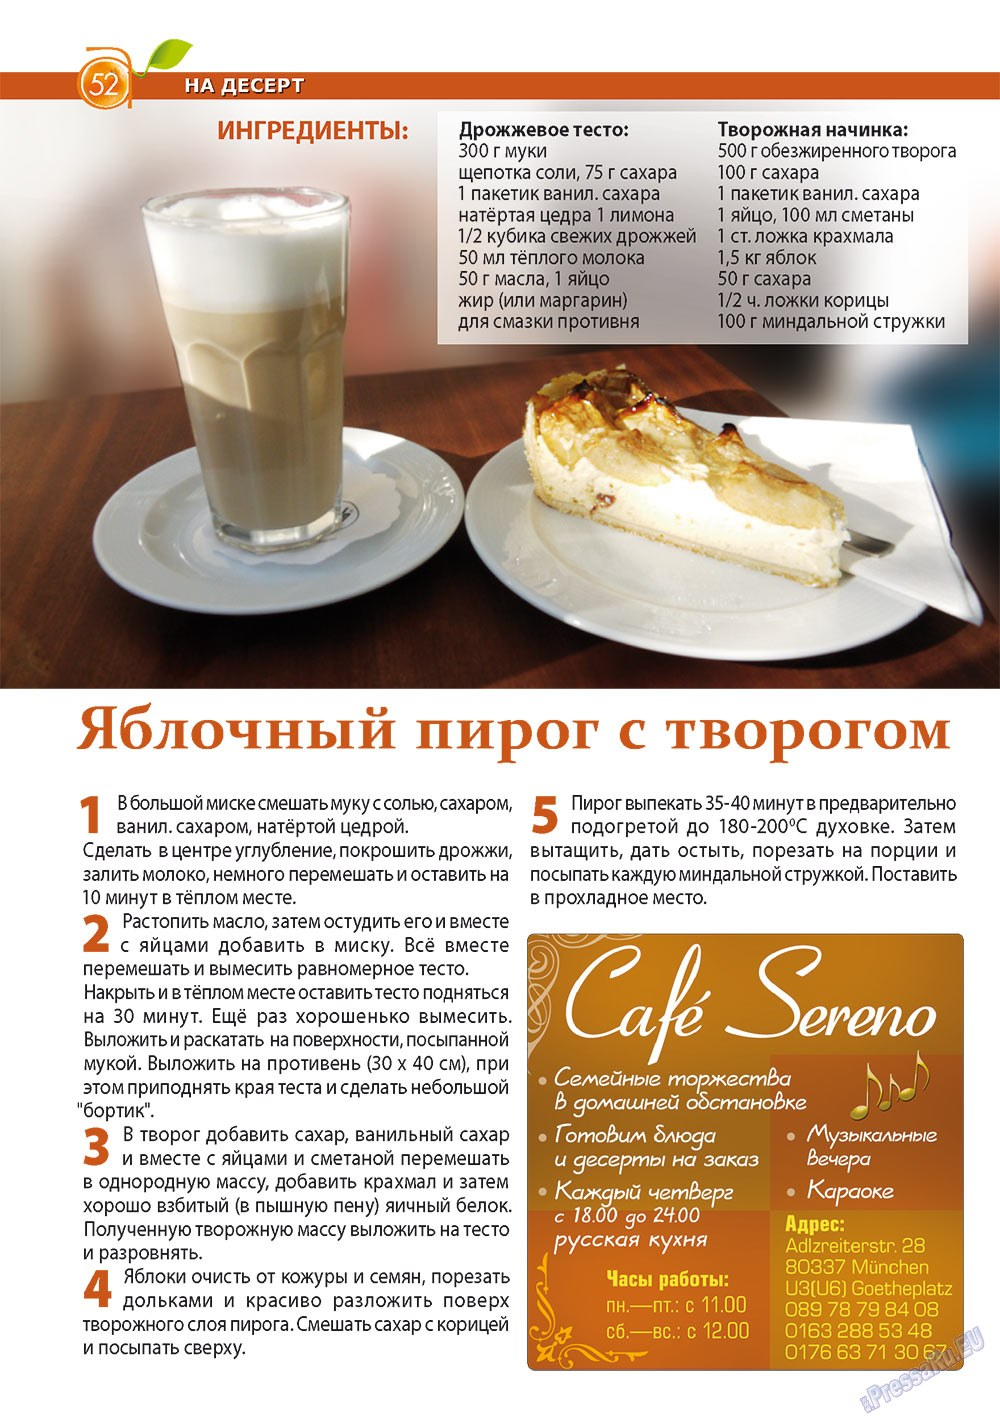 Апельсин (журнал). 2012 год, номер 34, стр. 52